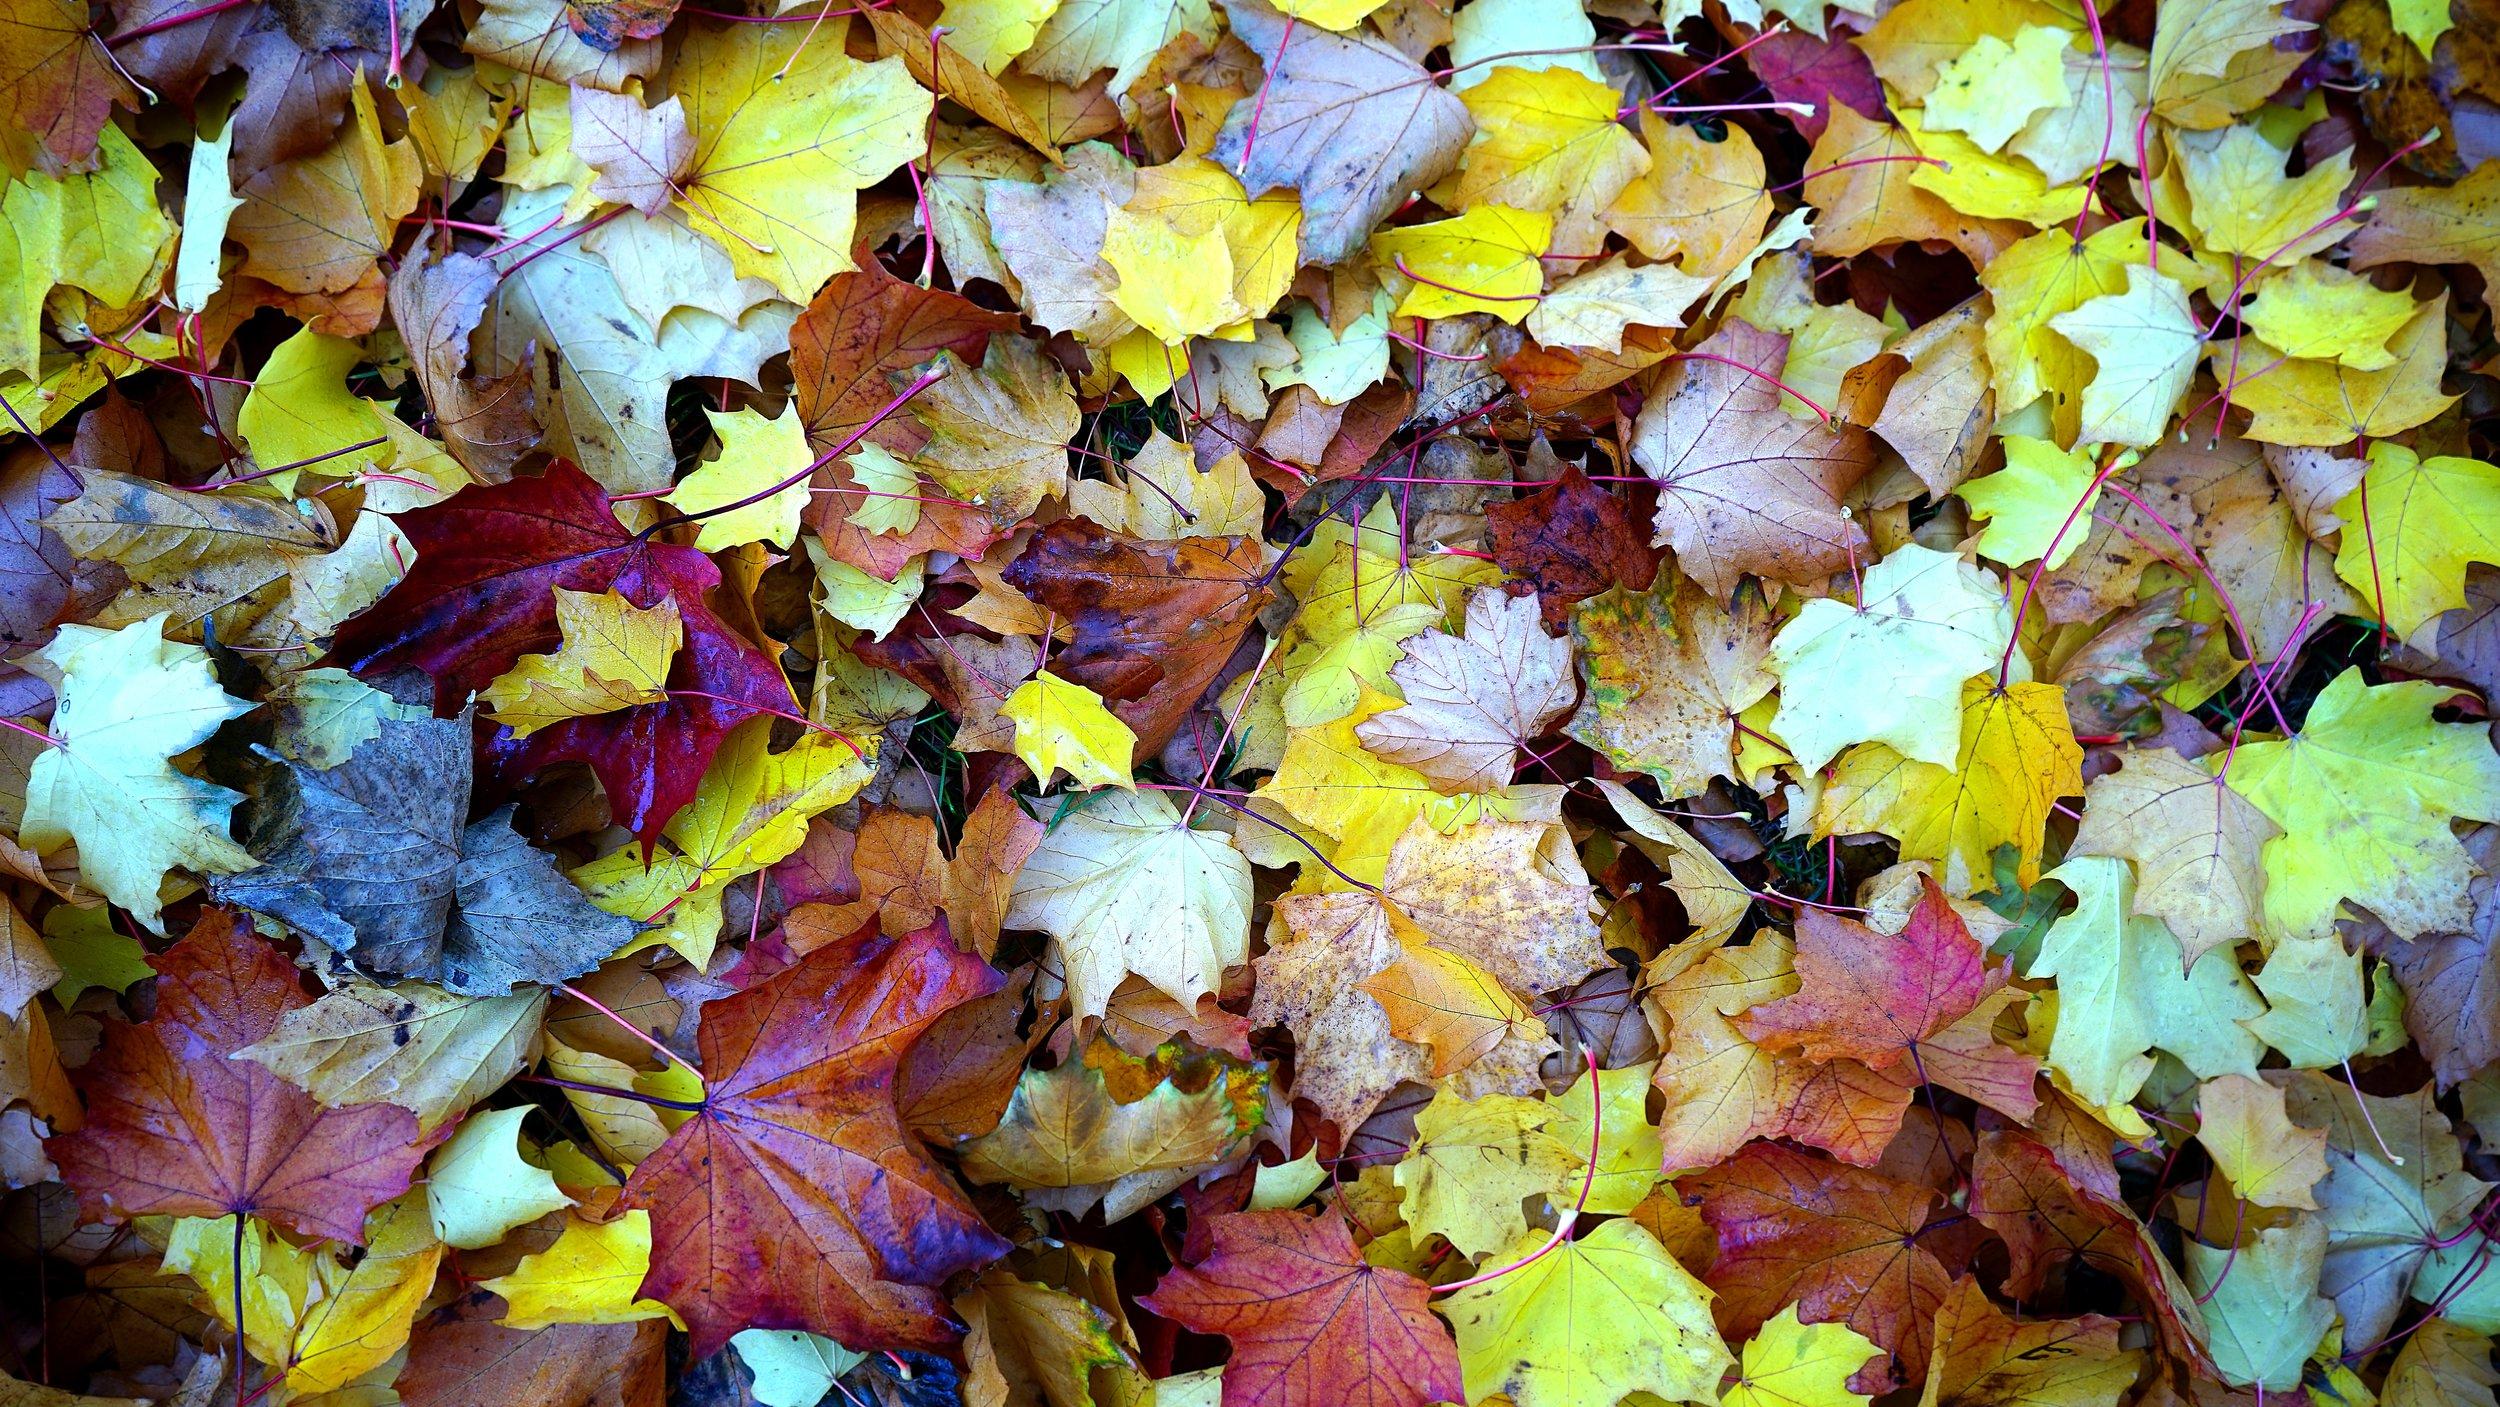 abstract-autumn-autumn-leaves-213613.jpg